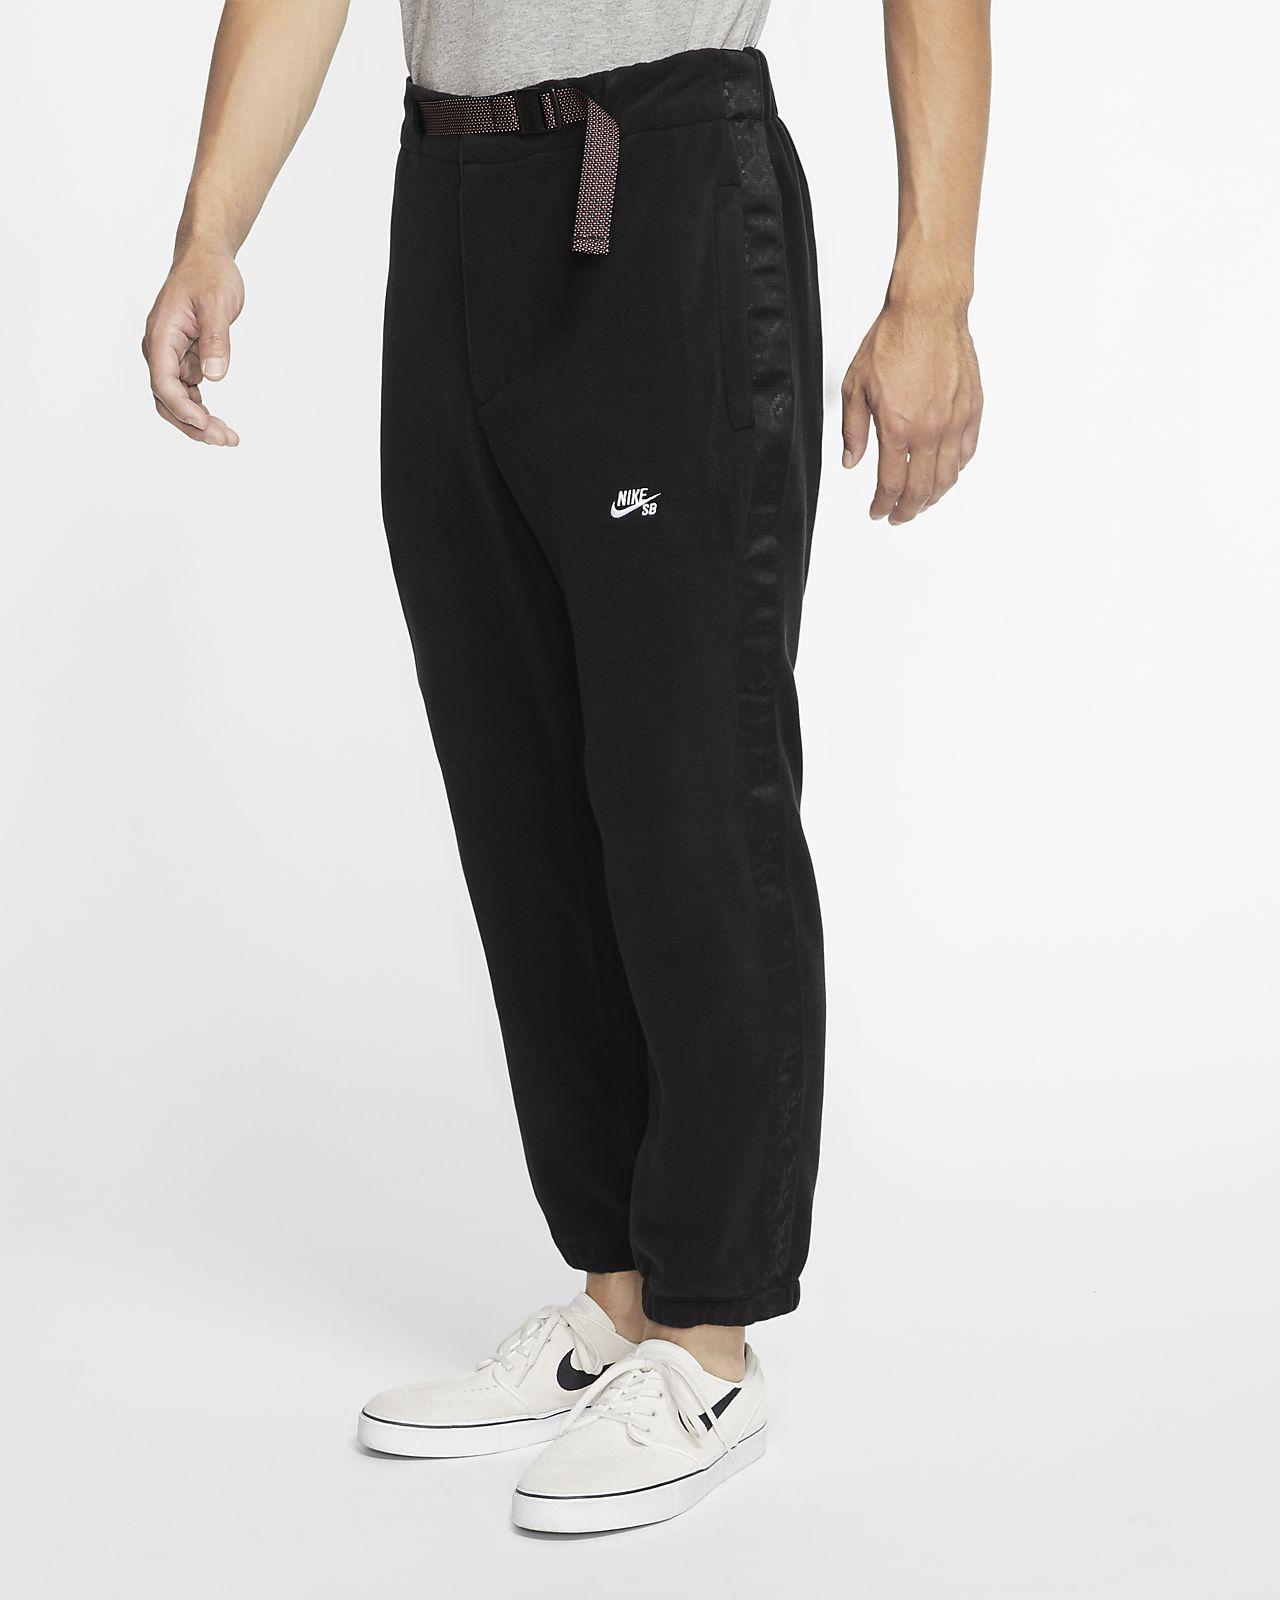 Pantaloni da skate in fleece Nike SB Uomo